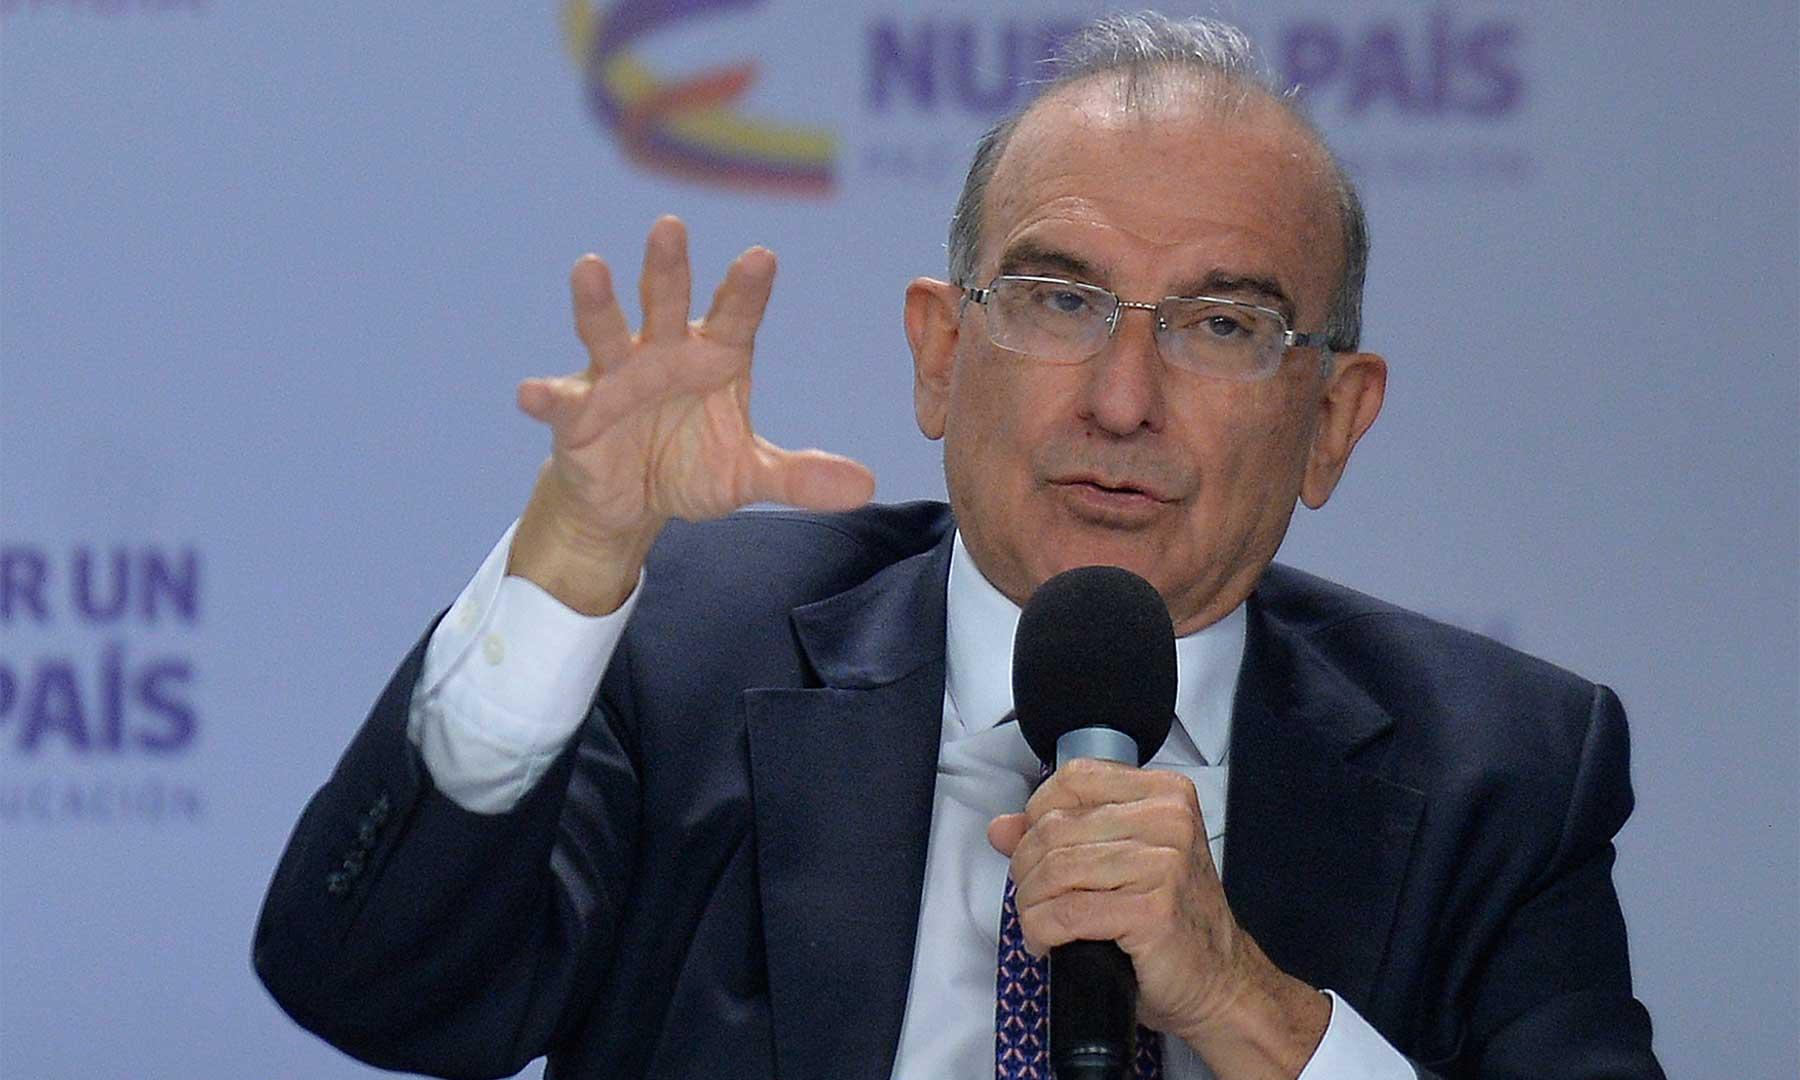 El jefe del Equipo Negociador, Humberto de la Calle, exhortó a los colombianos a no quedarse atrapados en el pasado y a tener la esperanza de que una paz firme es la esencia del futuro del país.